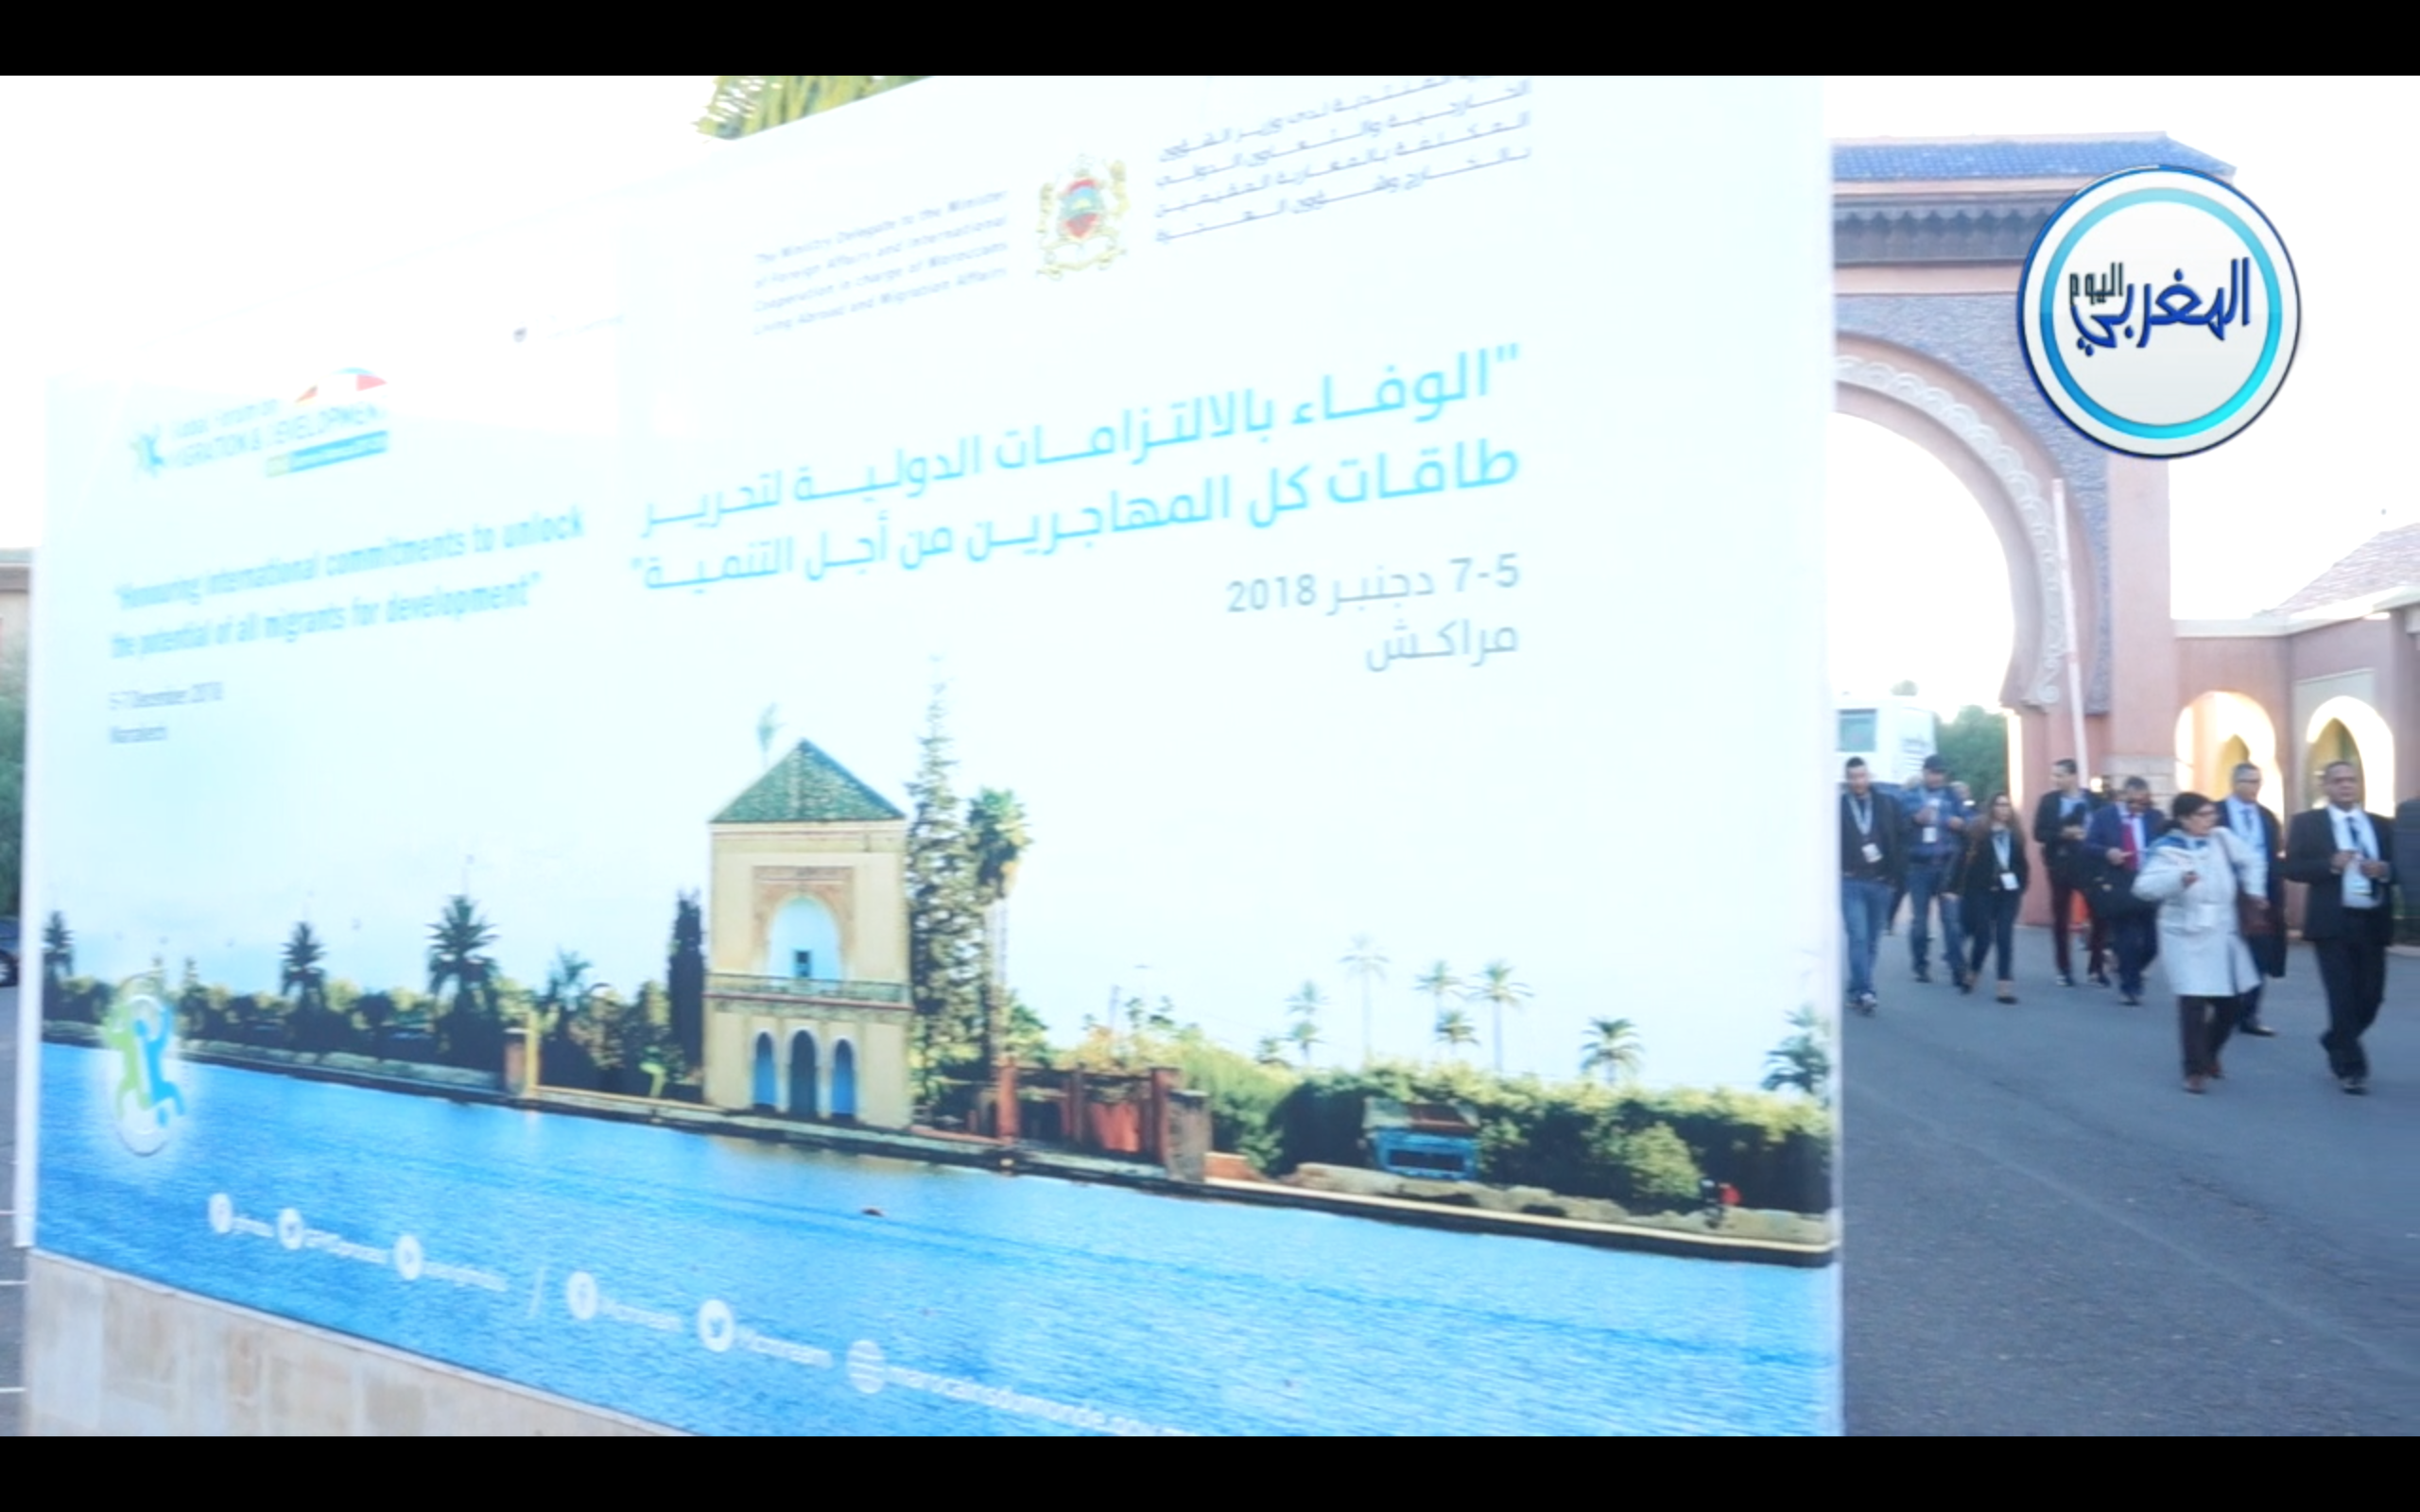 """بالفيديو… """"المغربي اليوم"""" في قلب النسخة 11 من المنتدى العالمي حول الهجرة والتنمية بمراكش"""